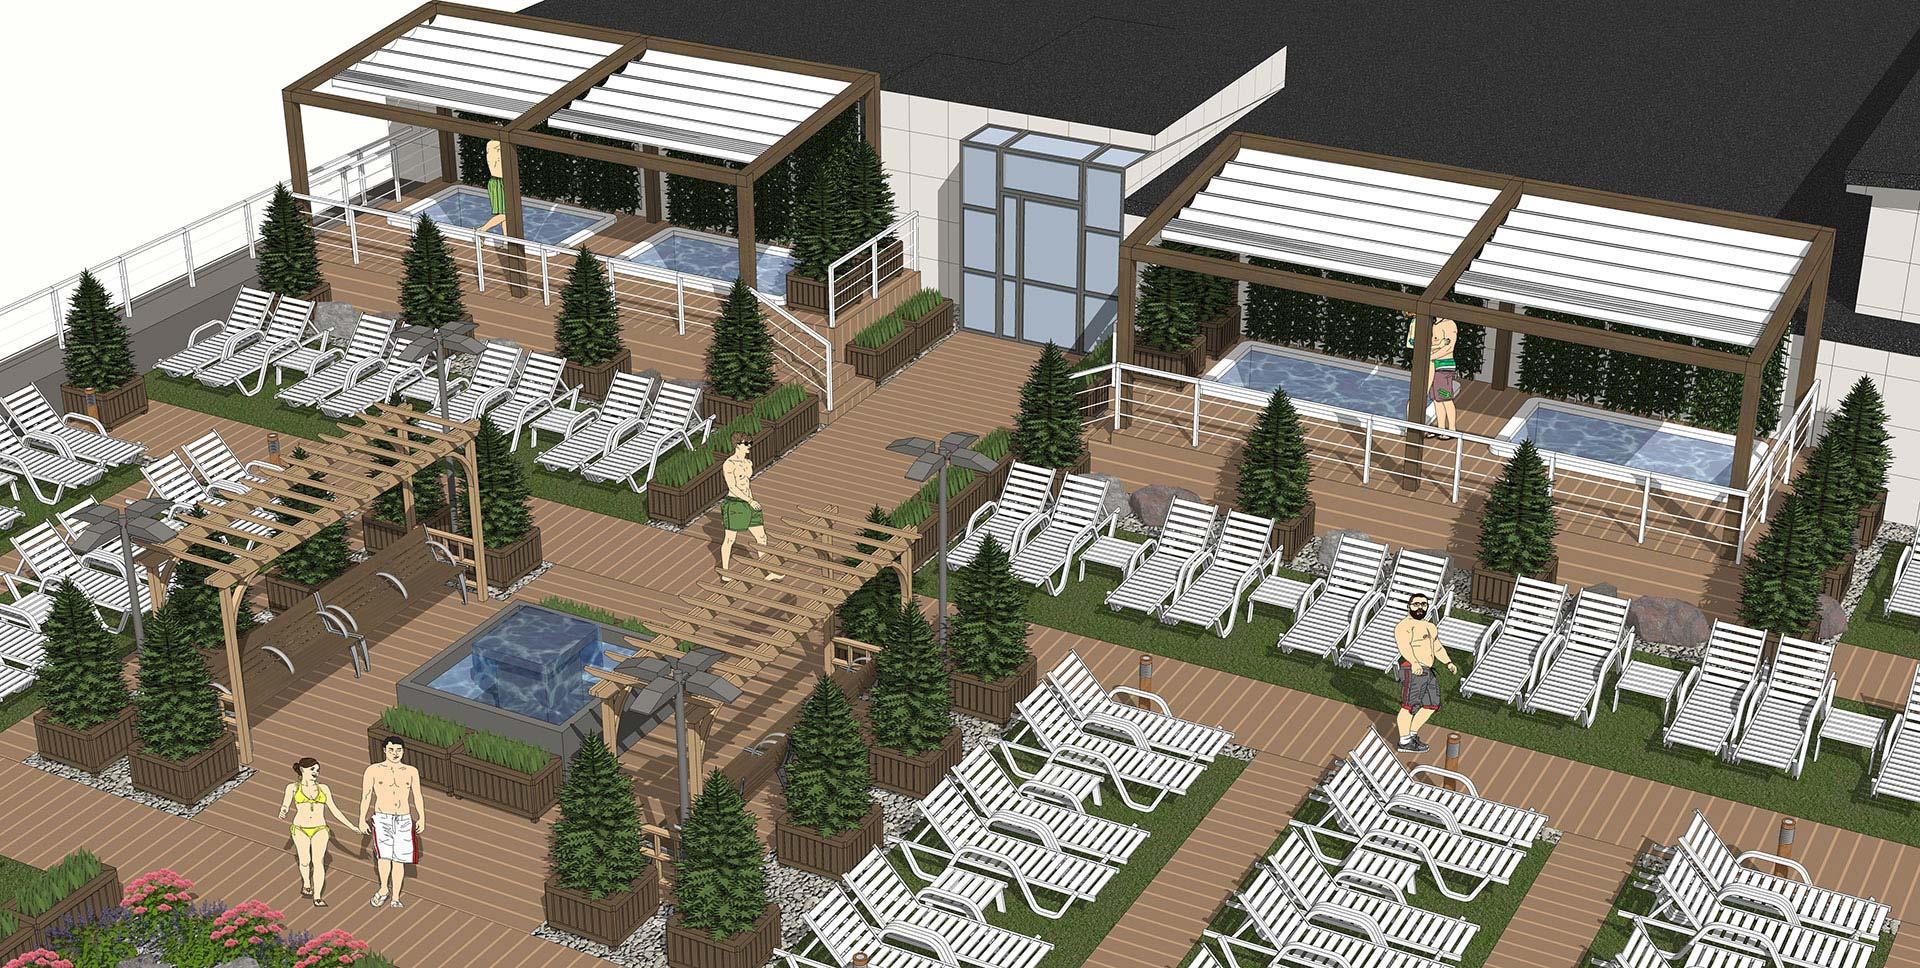 003_-_maximus_terrace